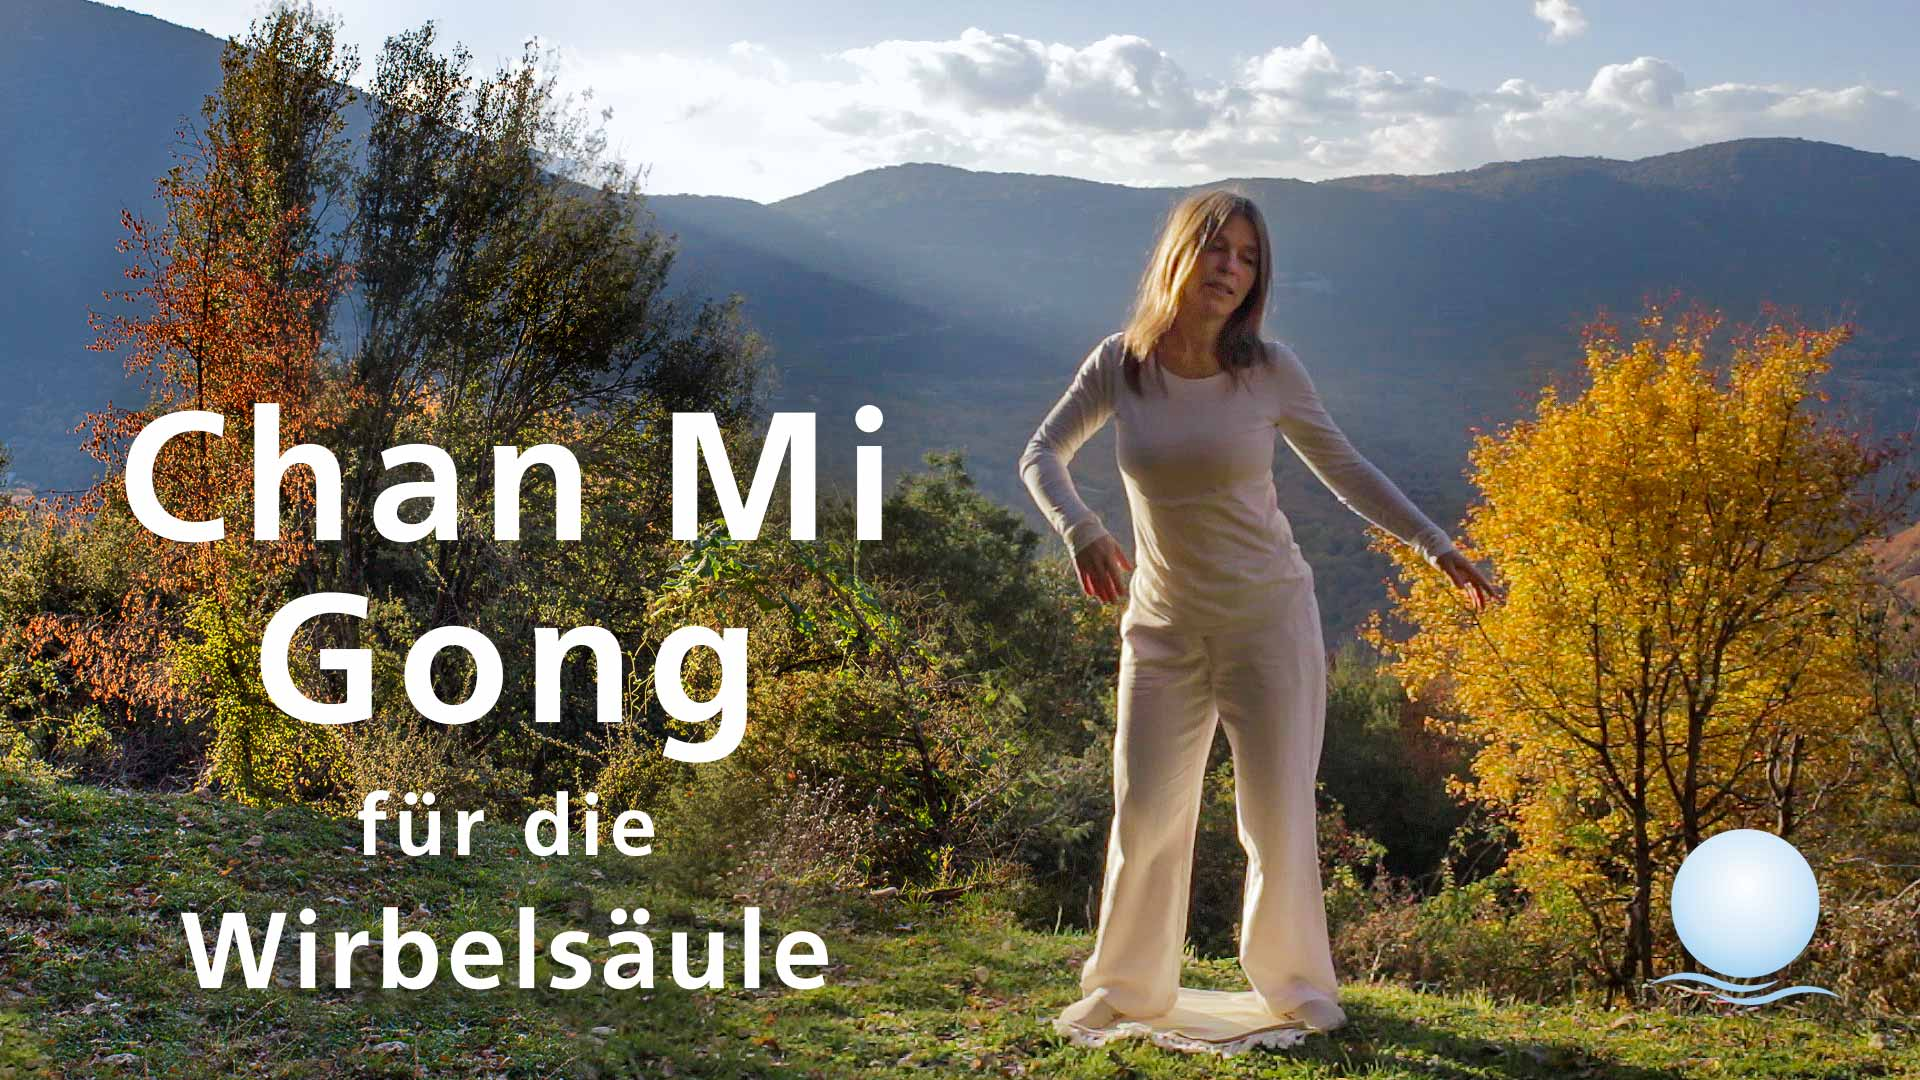 Chan Mi Gong